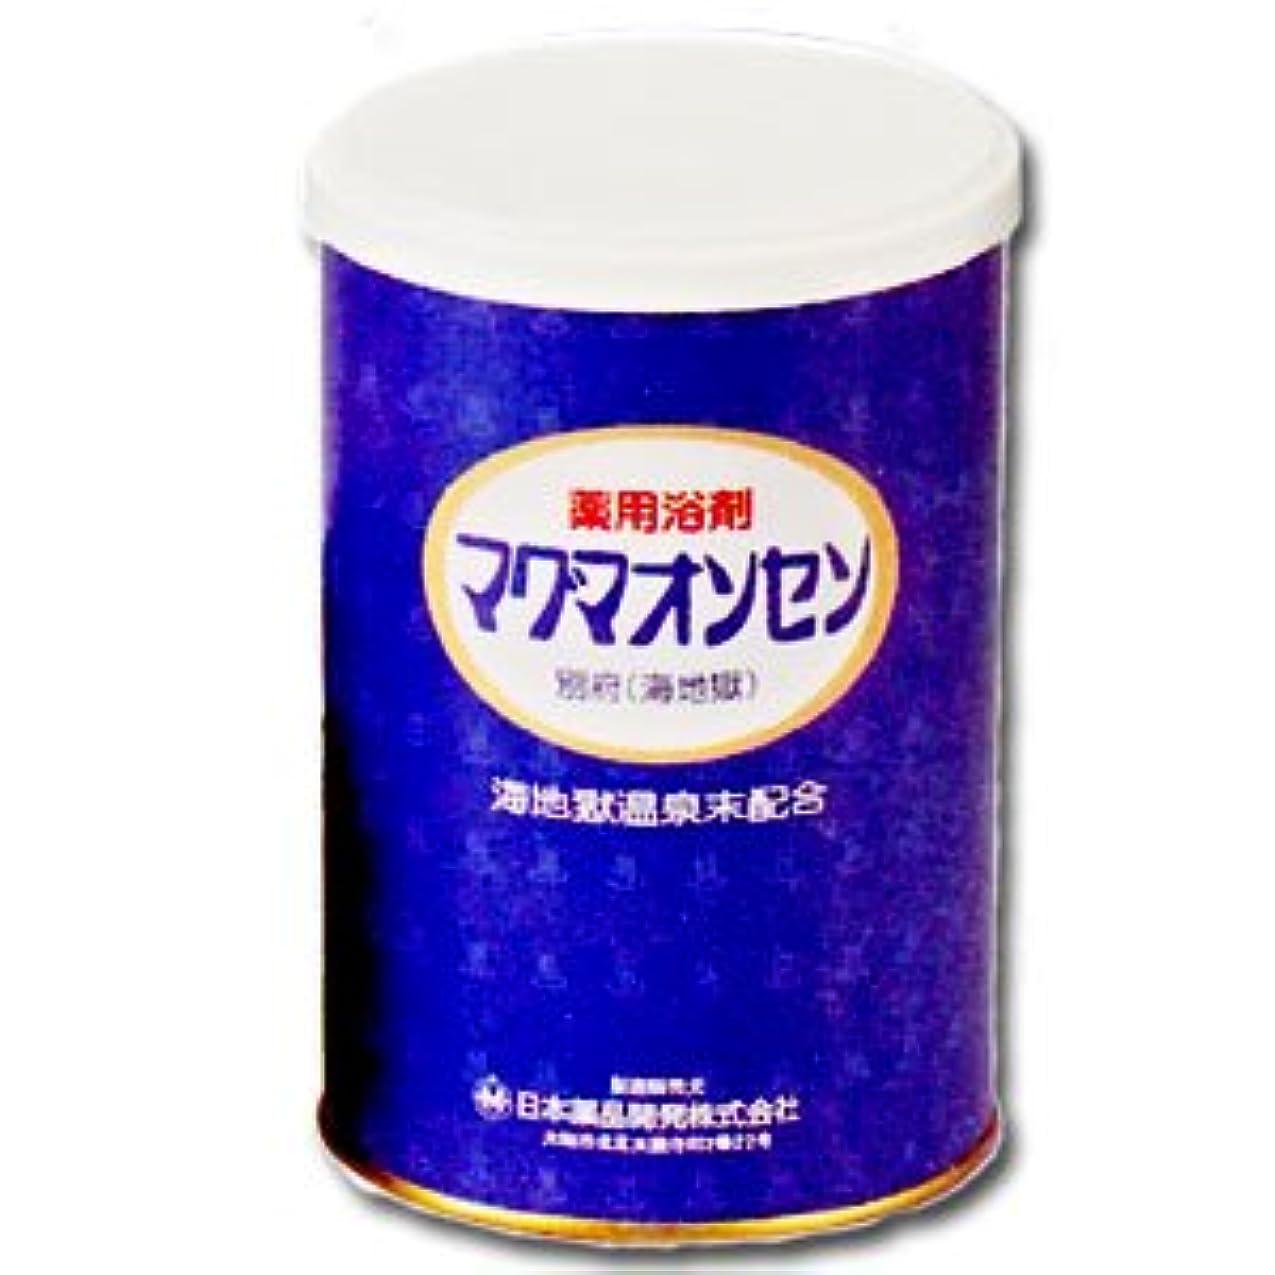 中傷セーター面積薬用入浴剤 マグマオンセン(医薬部外品)500g